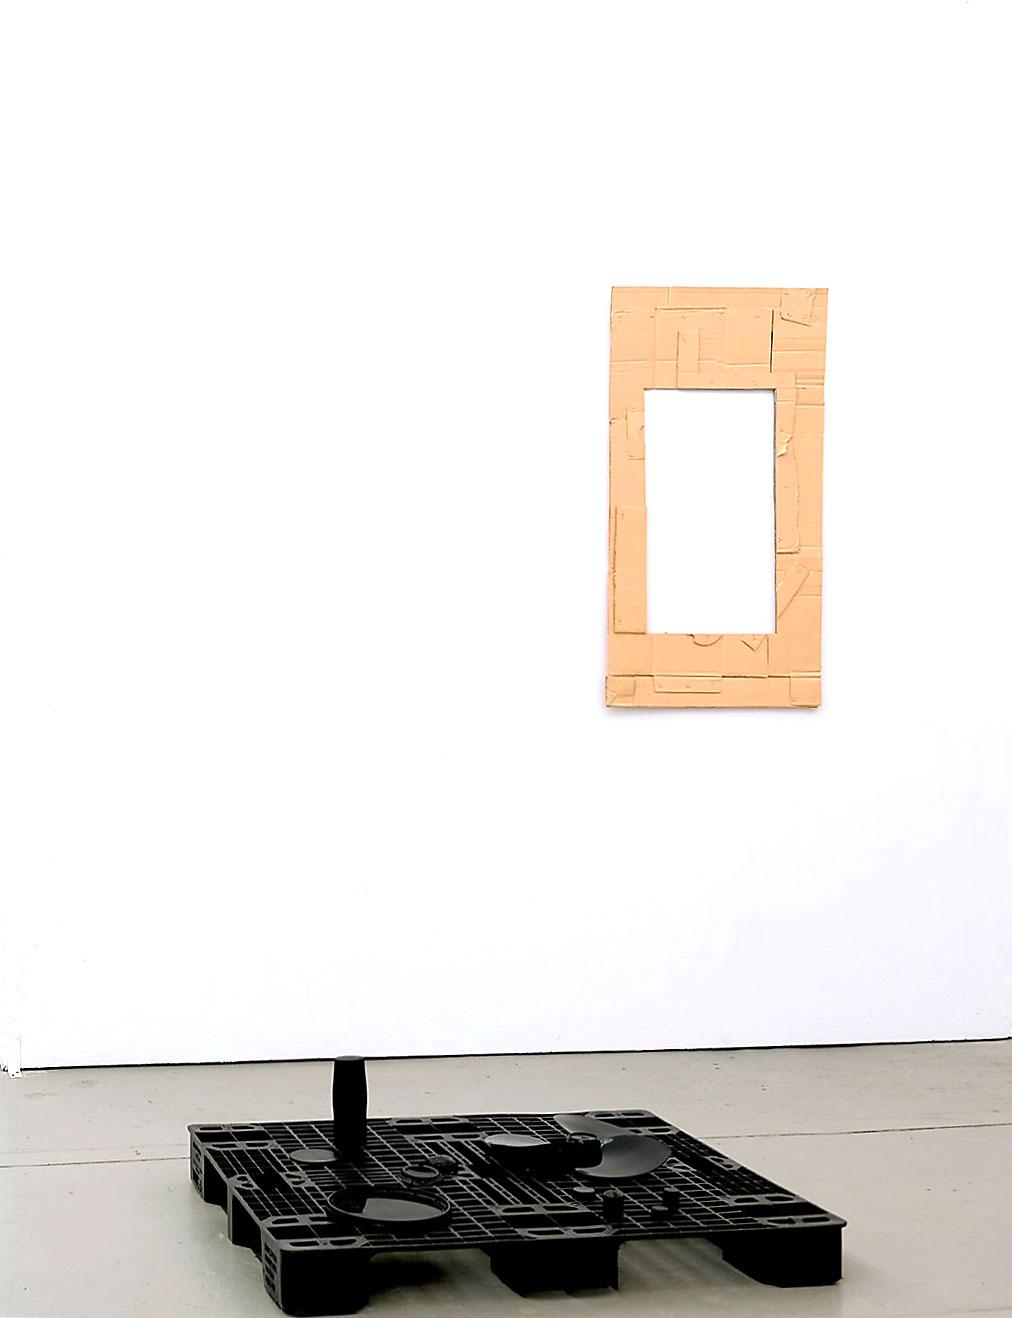 Unten: o.T. 2019; 82 x 102 cm Wand: o.T. 2019; 108 x 65 cm